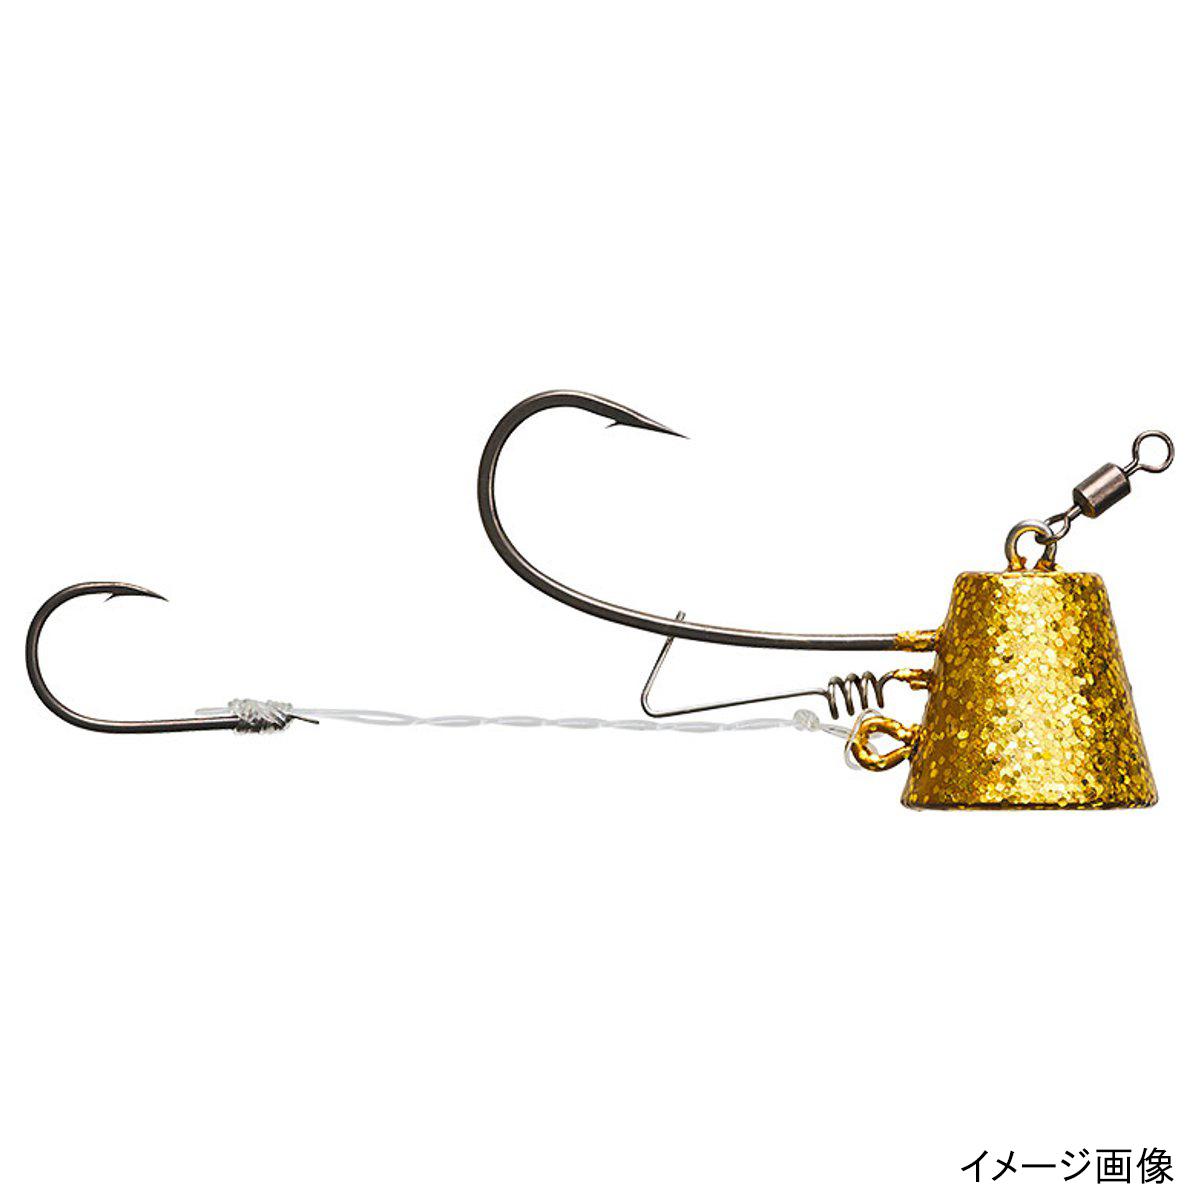 釣具のポイント ダイワ 紅牙 タイテンヤ SS 4号 信託 ゆうパケット 売り出し エビロック ケイムラフルジャンジャンラメ